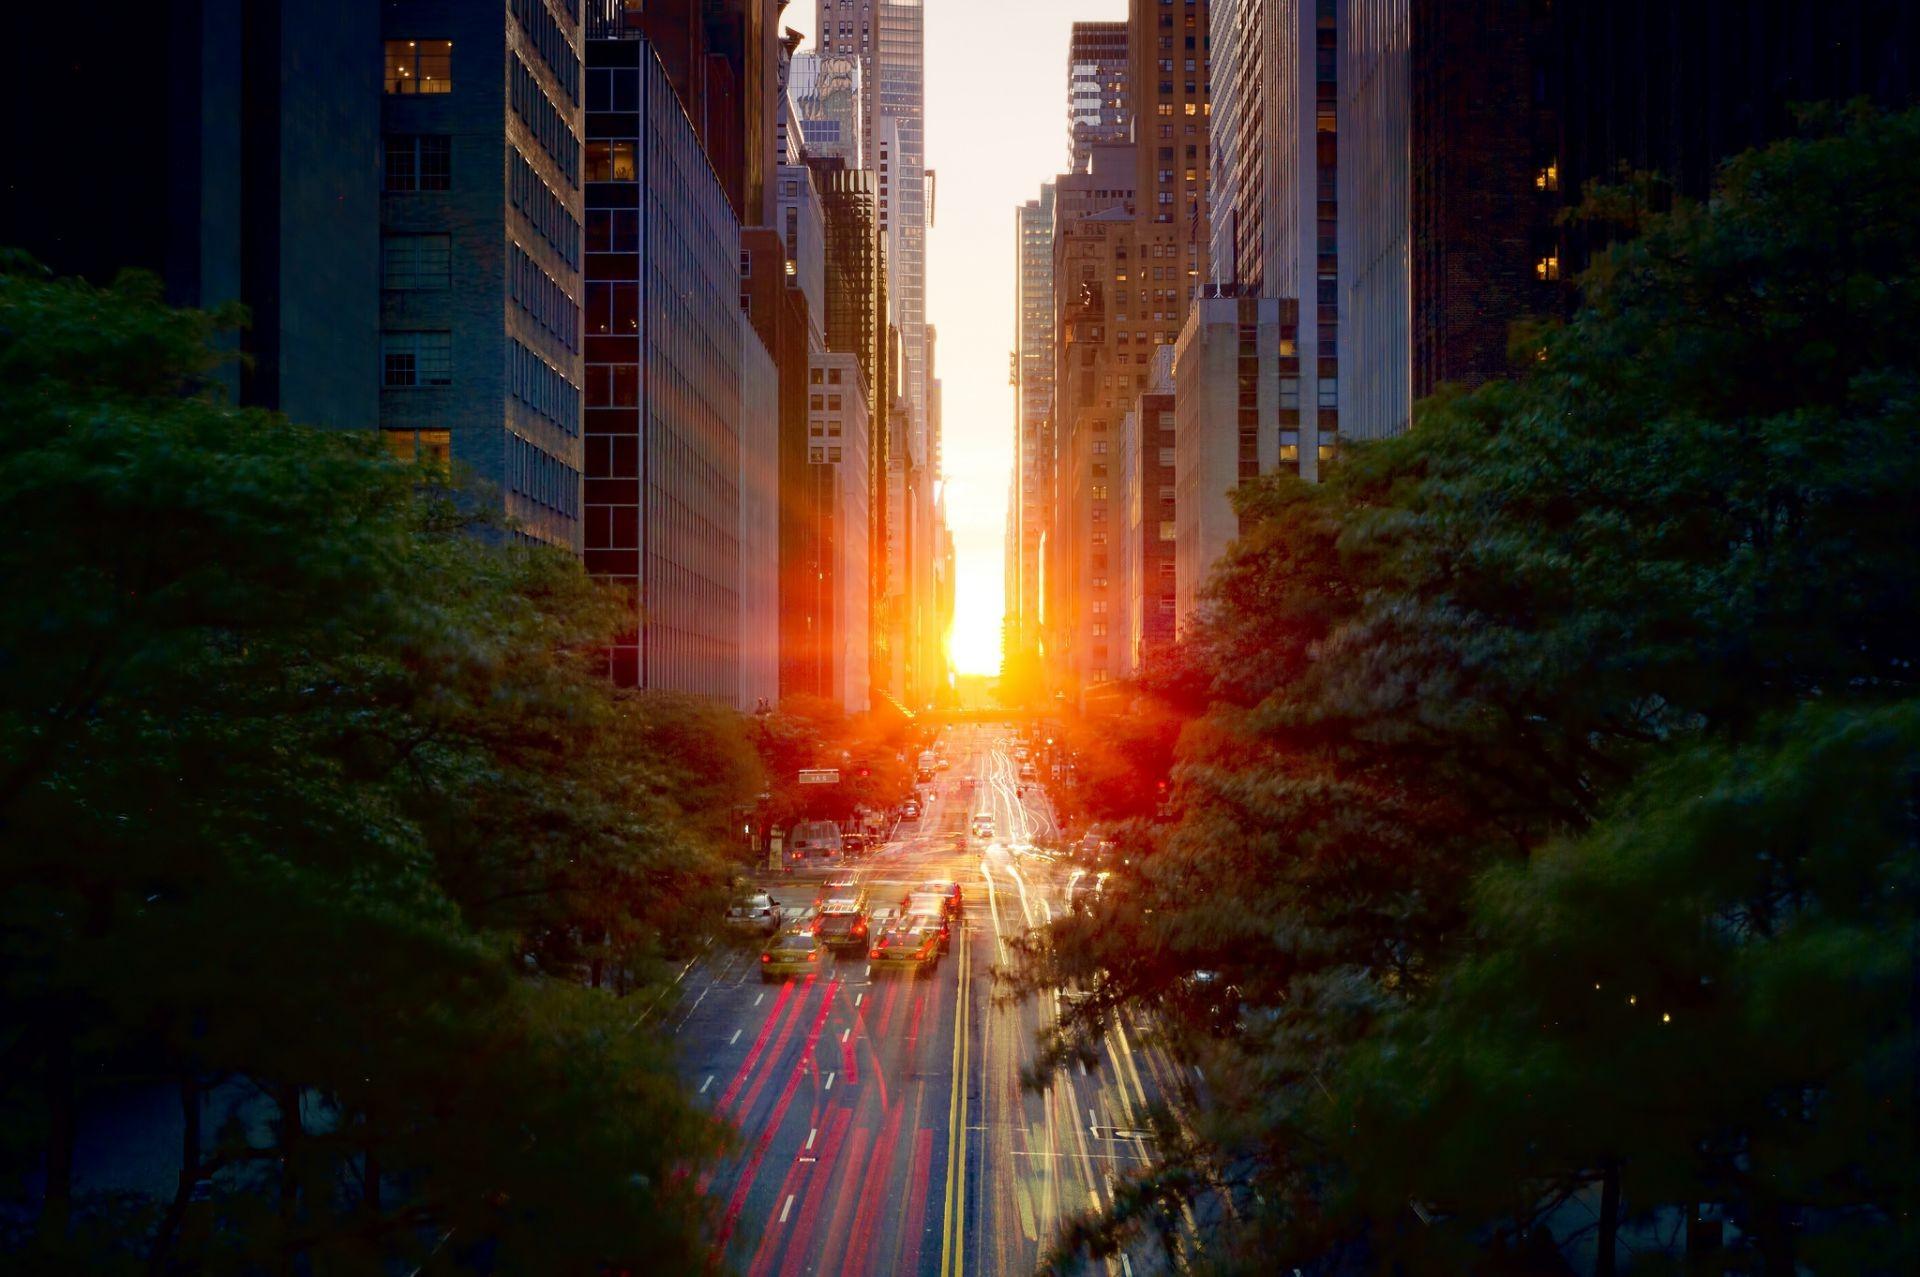 квартир картинки город на восходе солнца будете часто сидеть